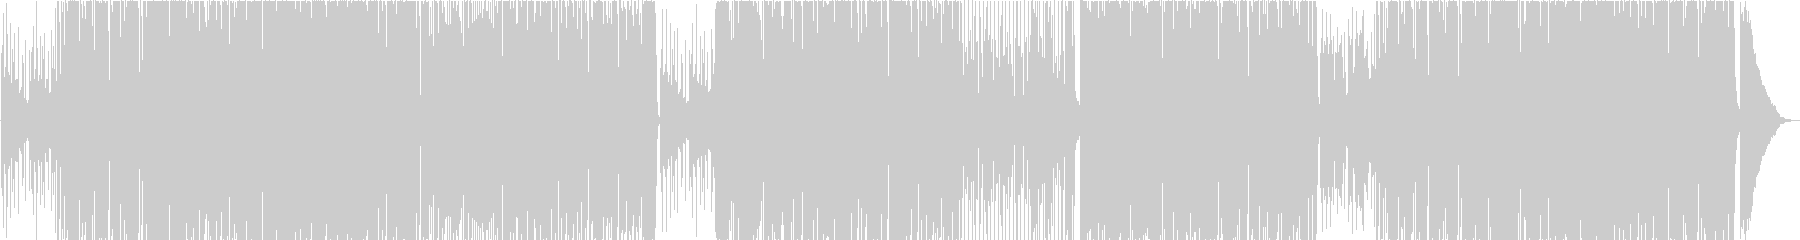 70年代風フュージョン系スムースジャズの未再生の波形